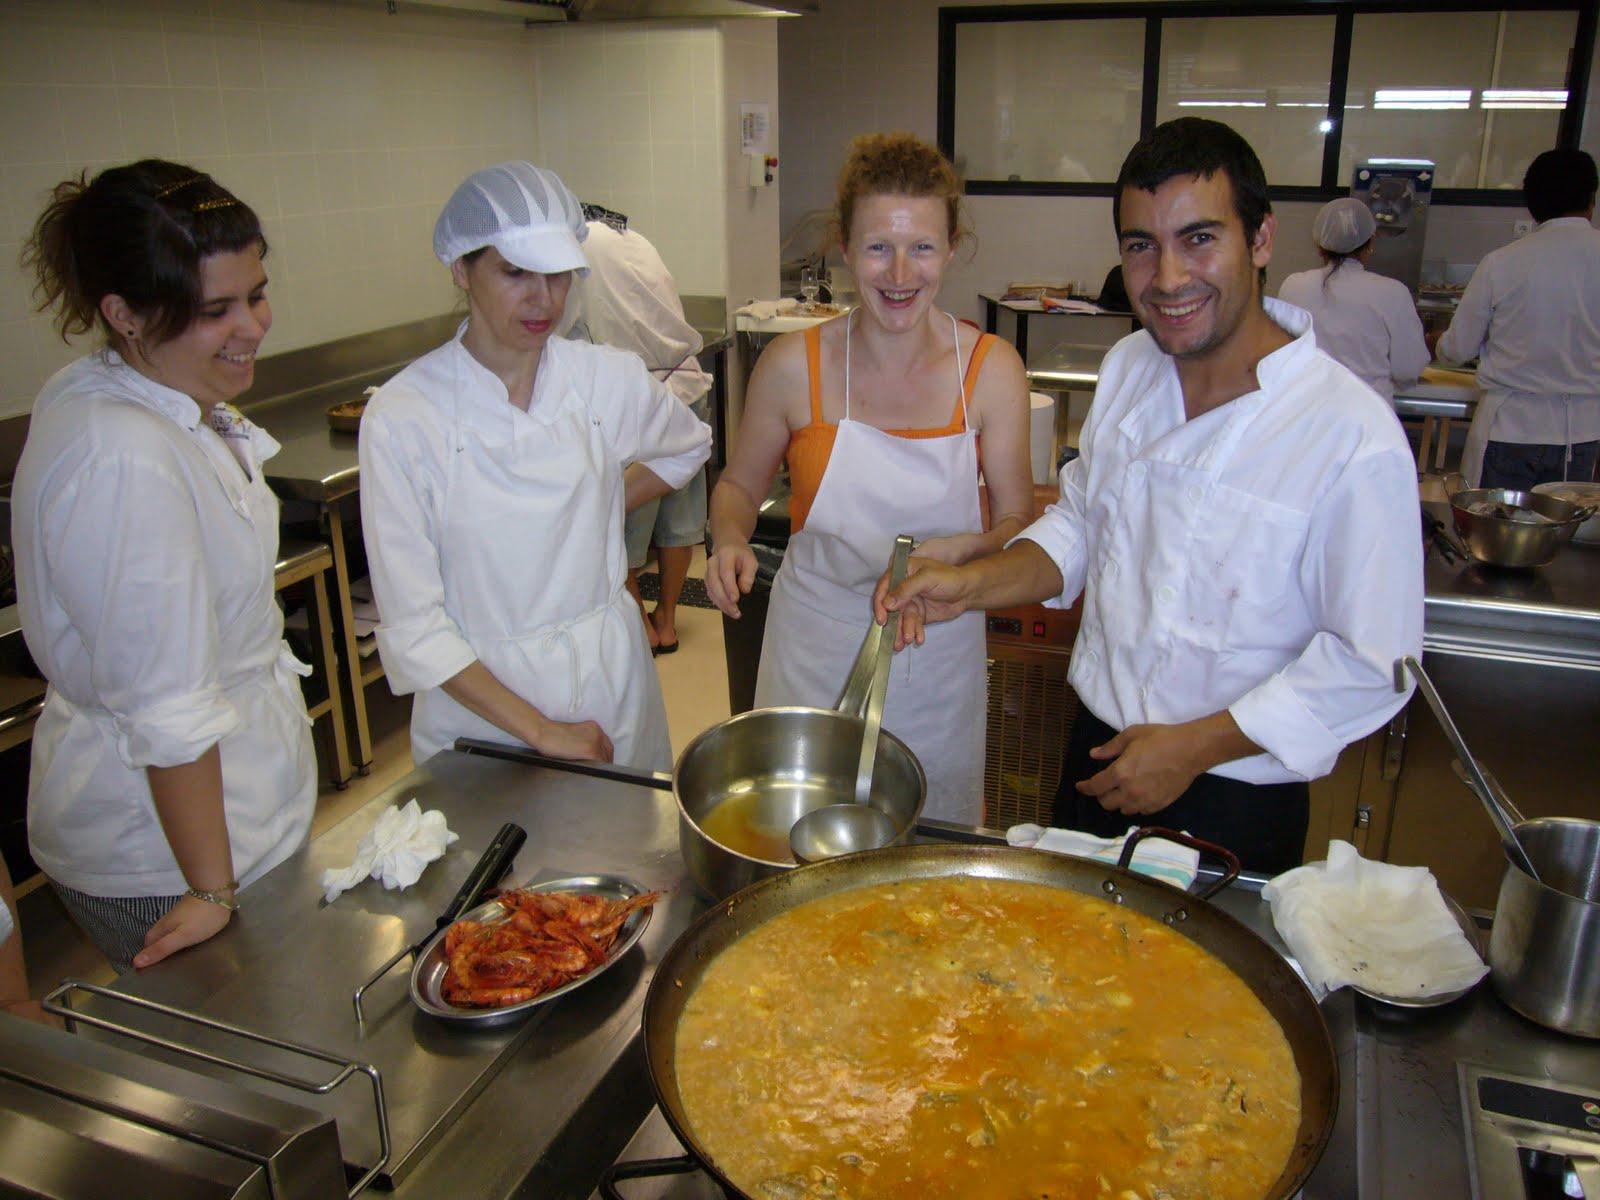 Els menjars de clara cursos de cocina vegetariana ecol gica - Curso de cocina vegetariana ...